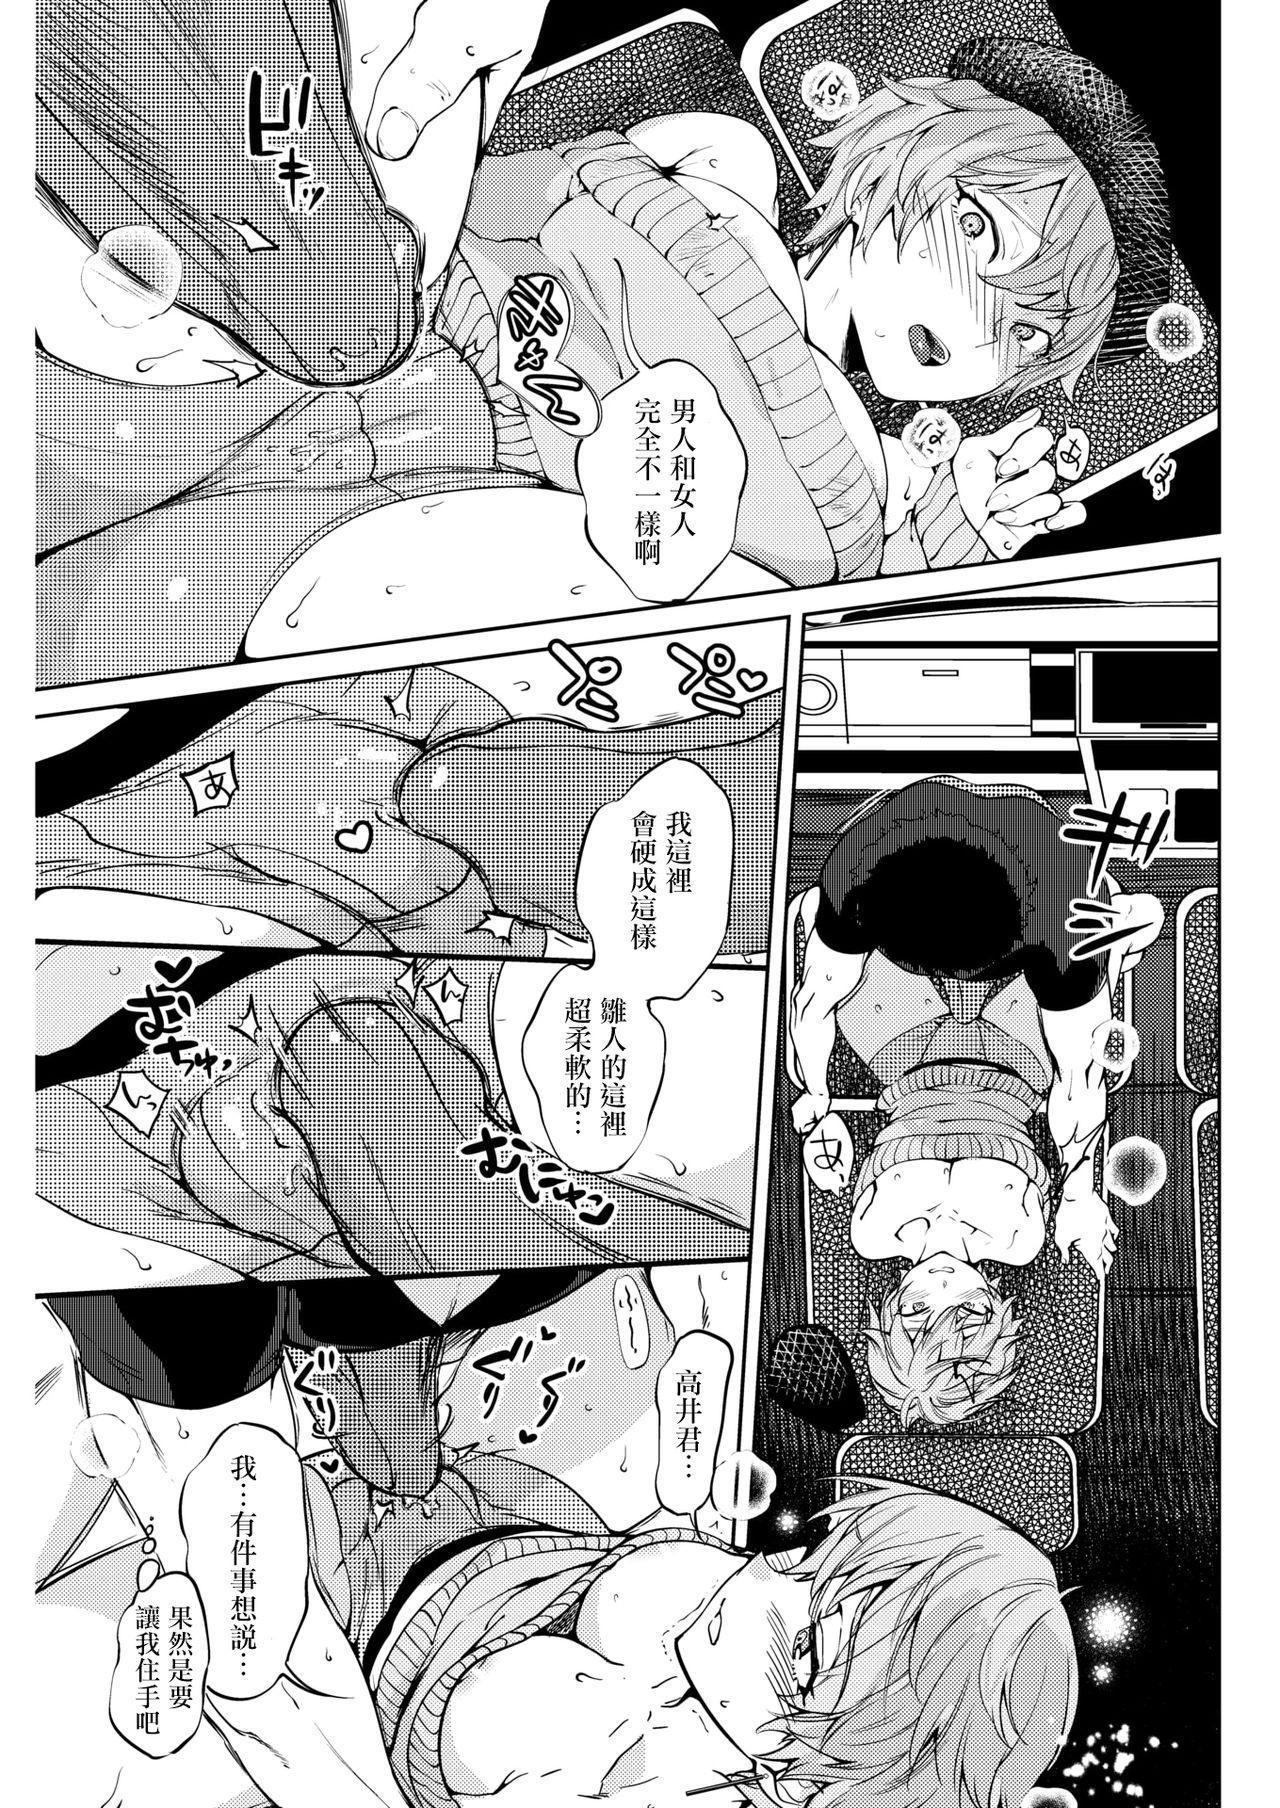 Ouji no Tamago wa Hina ni Kaeru   王子之卵孵化為雛 7